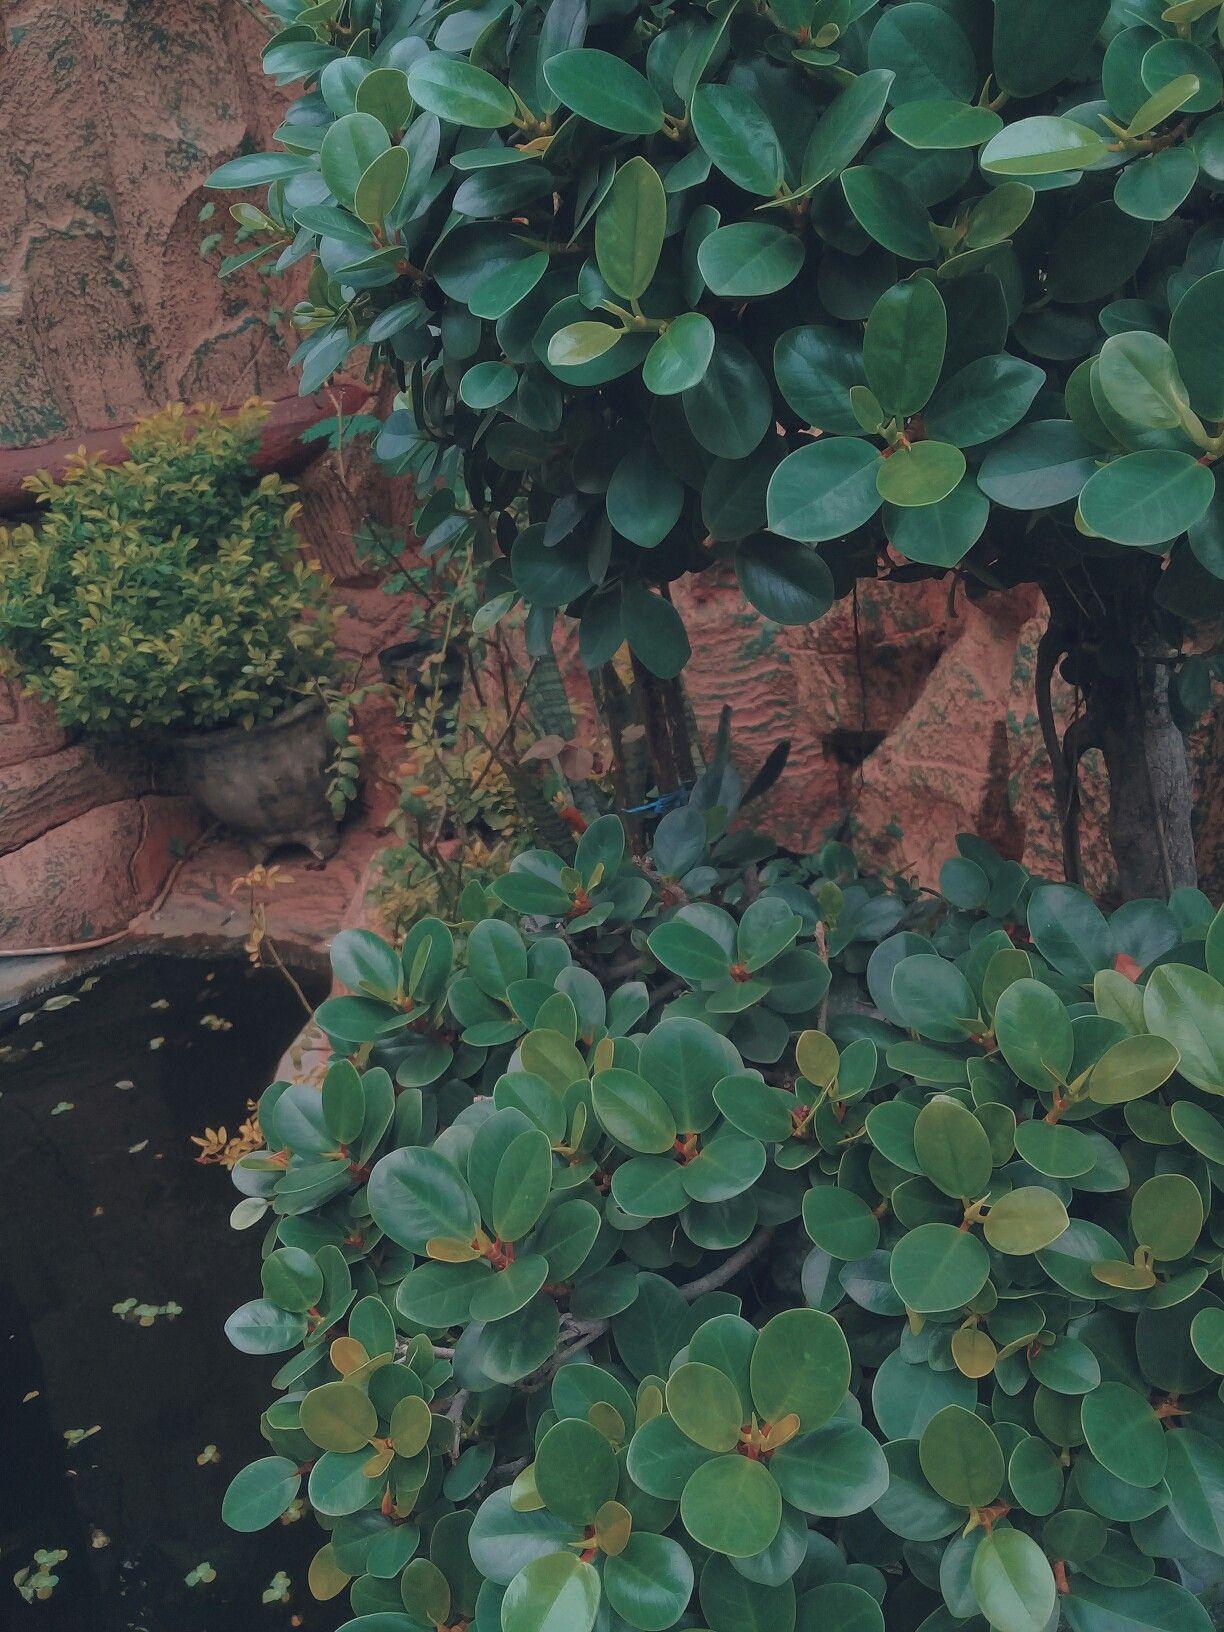 foto jepretan vsco cafe background wallpaper